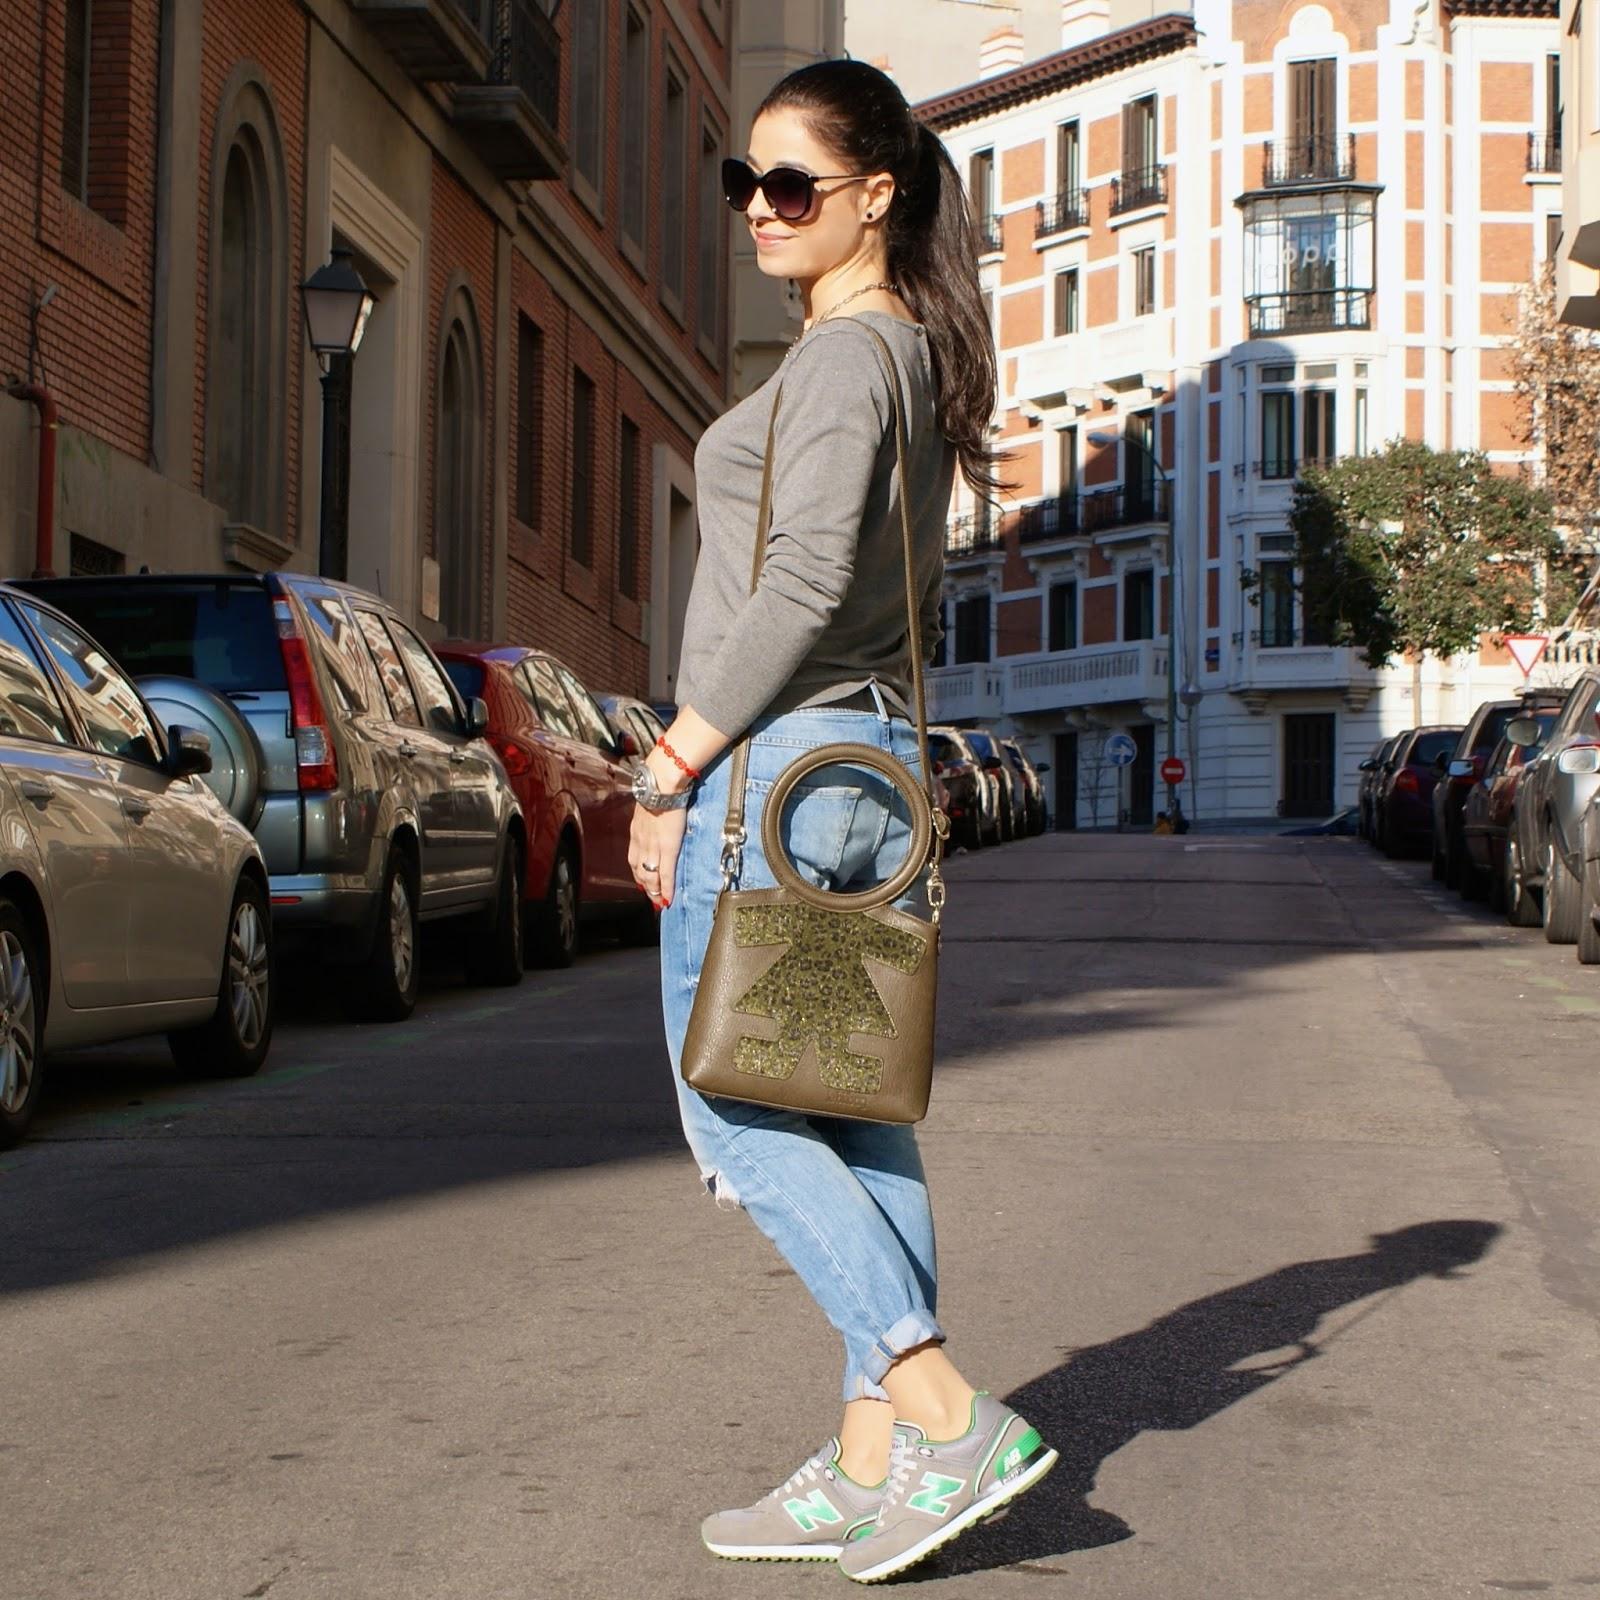 La Caprichossa, blog de moda, Look con New Balance 574